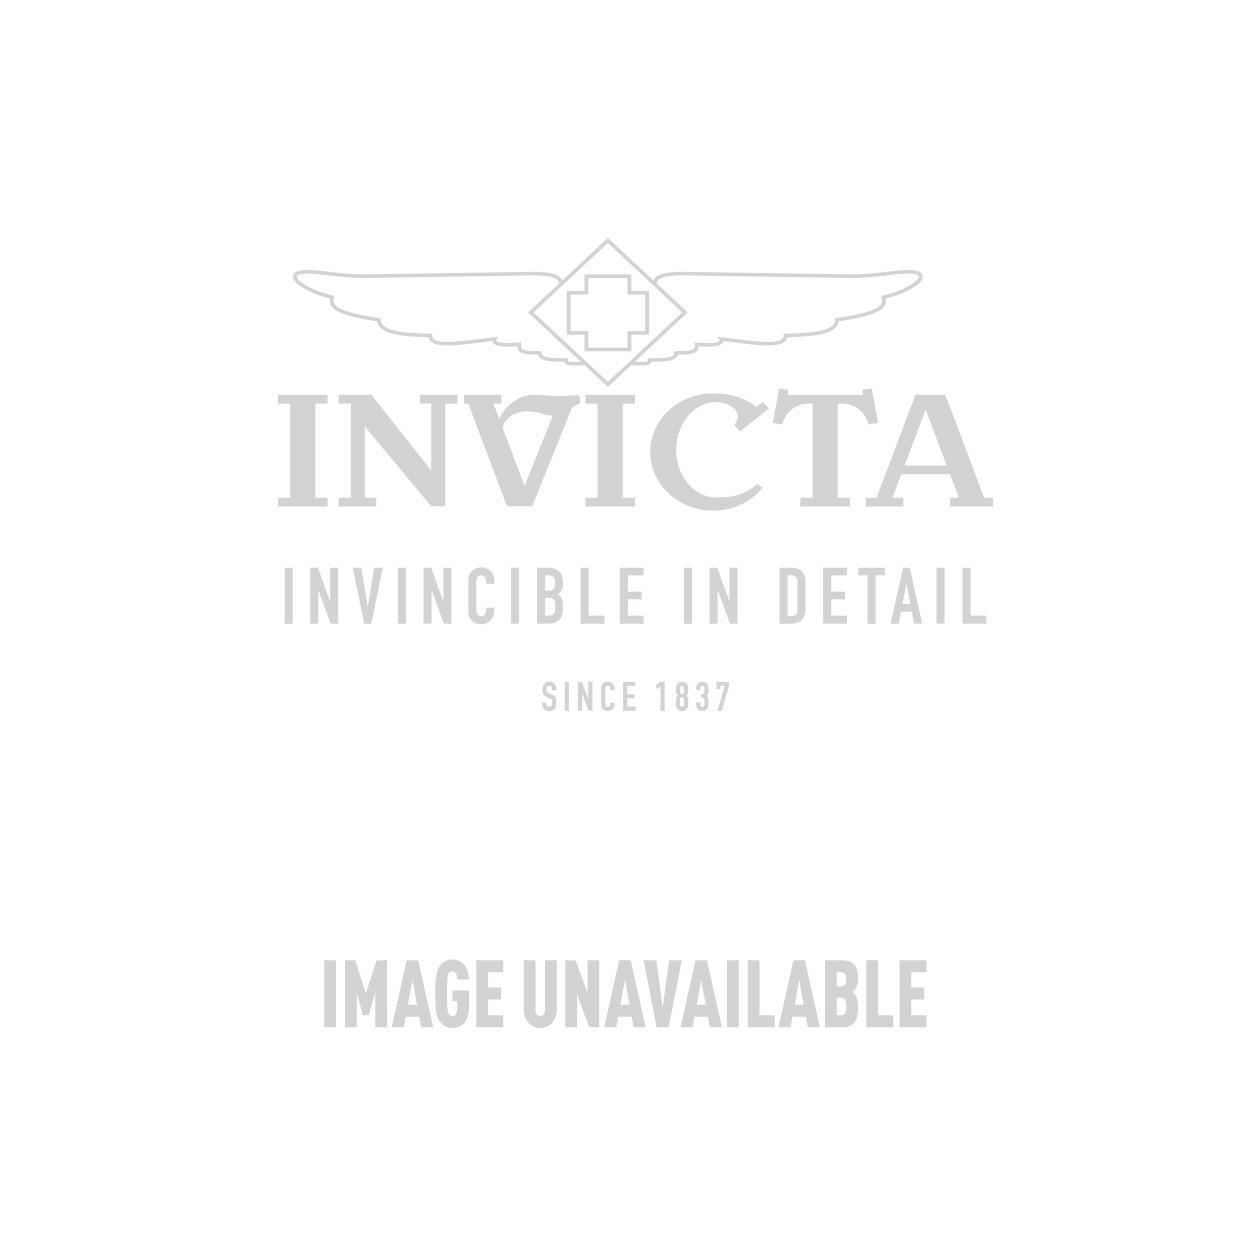 Invicta Model 23904